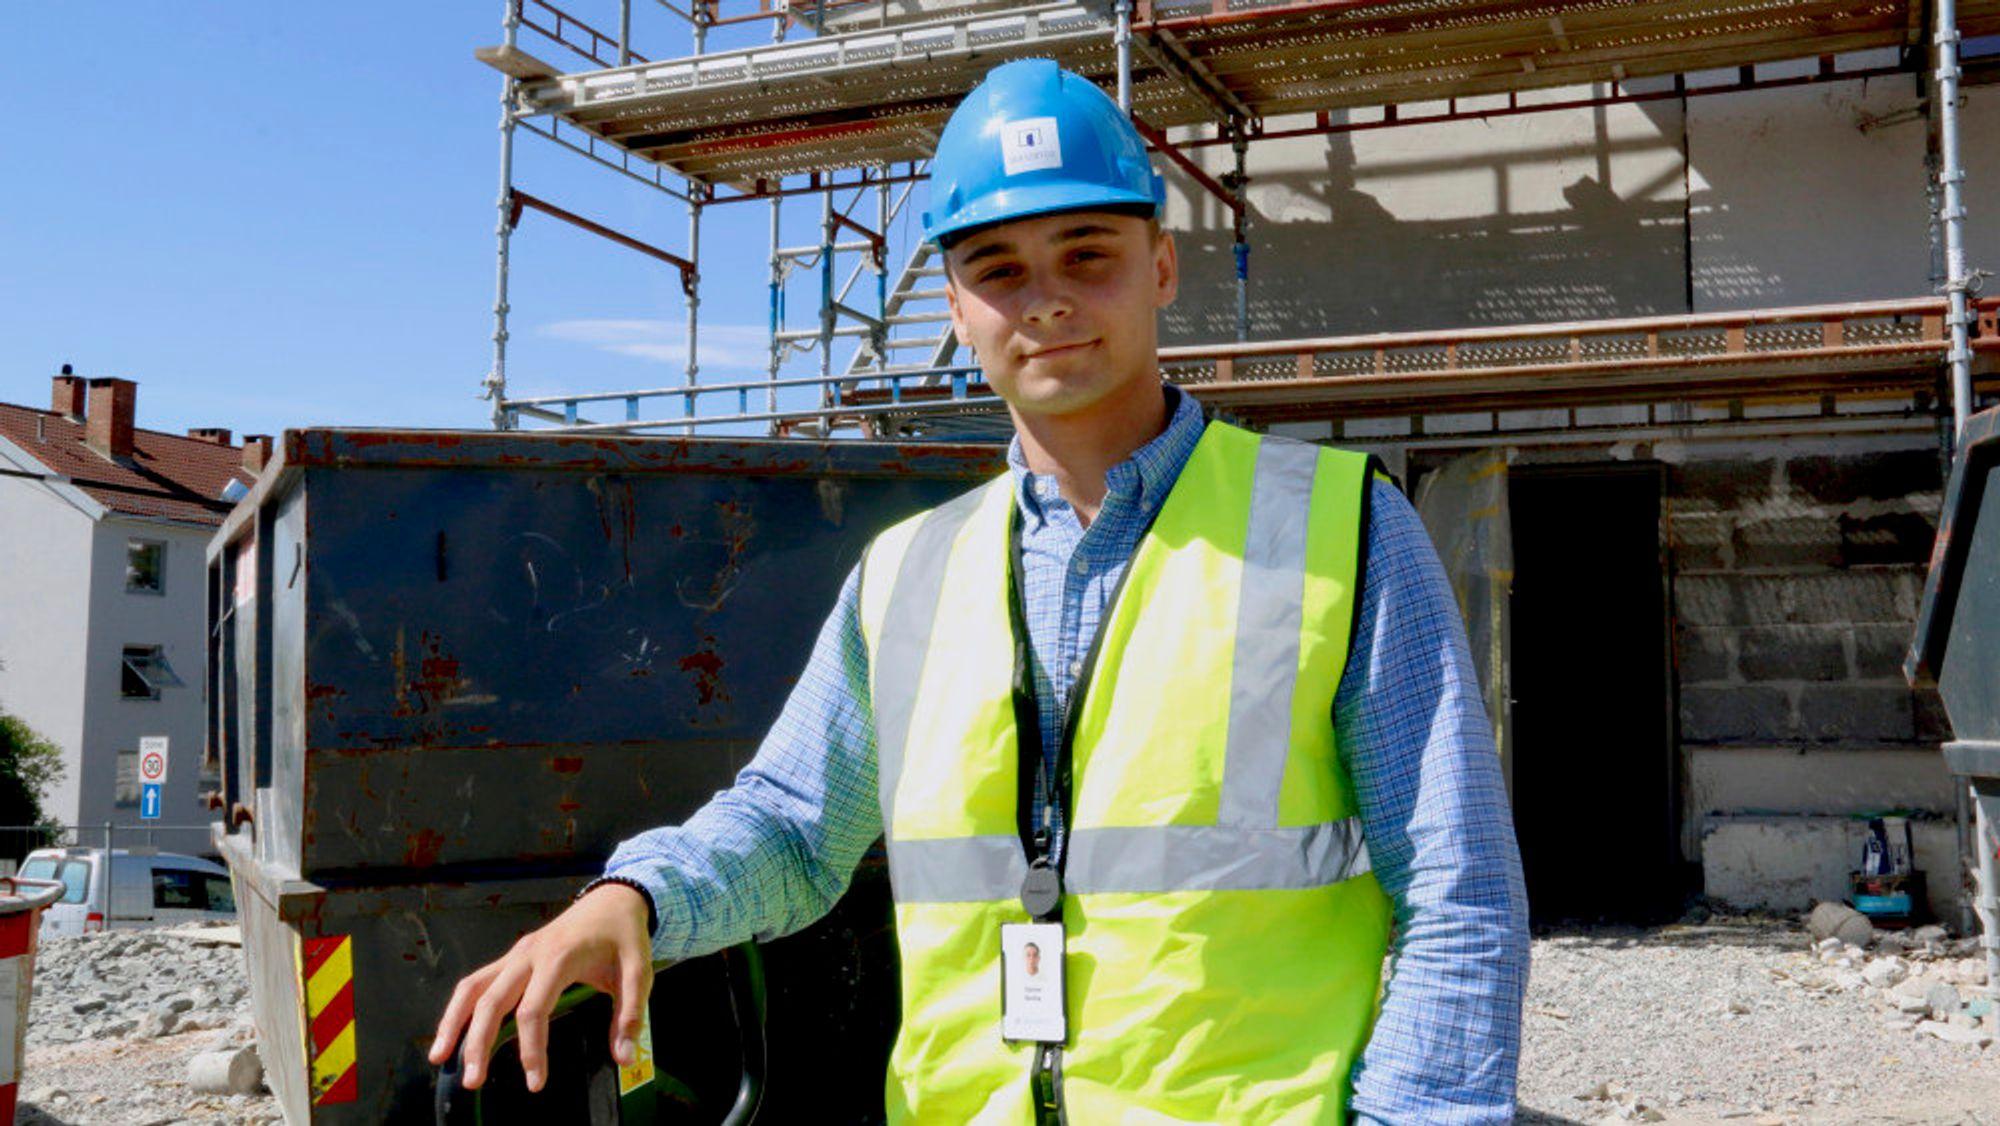 Ute på byggeplassen har Daniel Banka fått stor glede av at han behersker polsk.